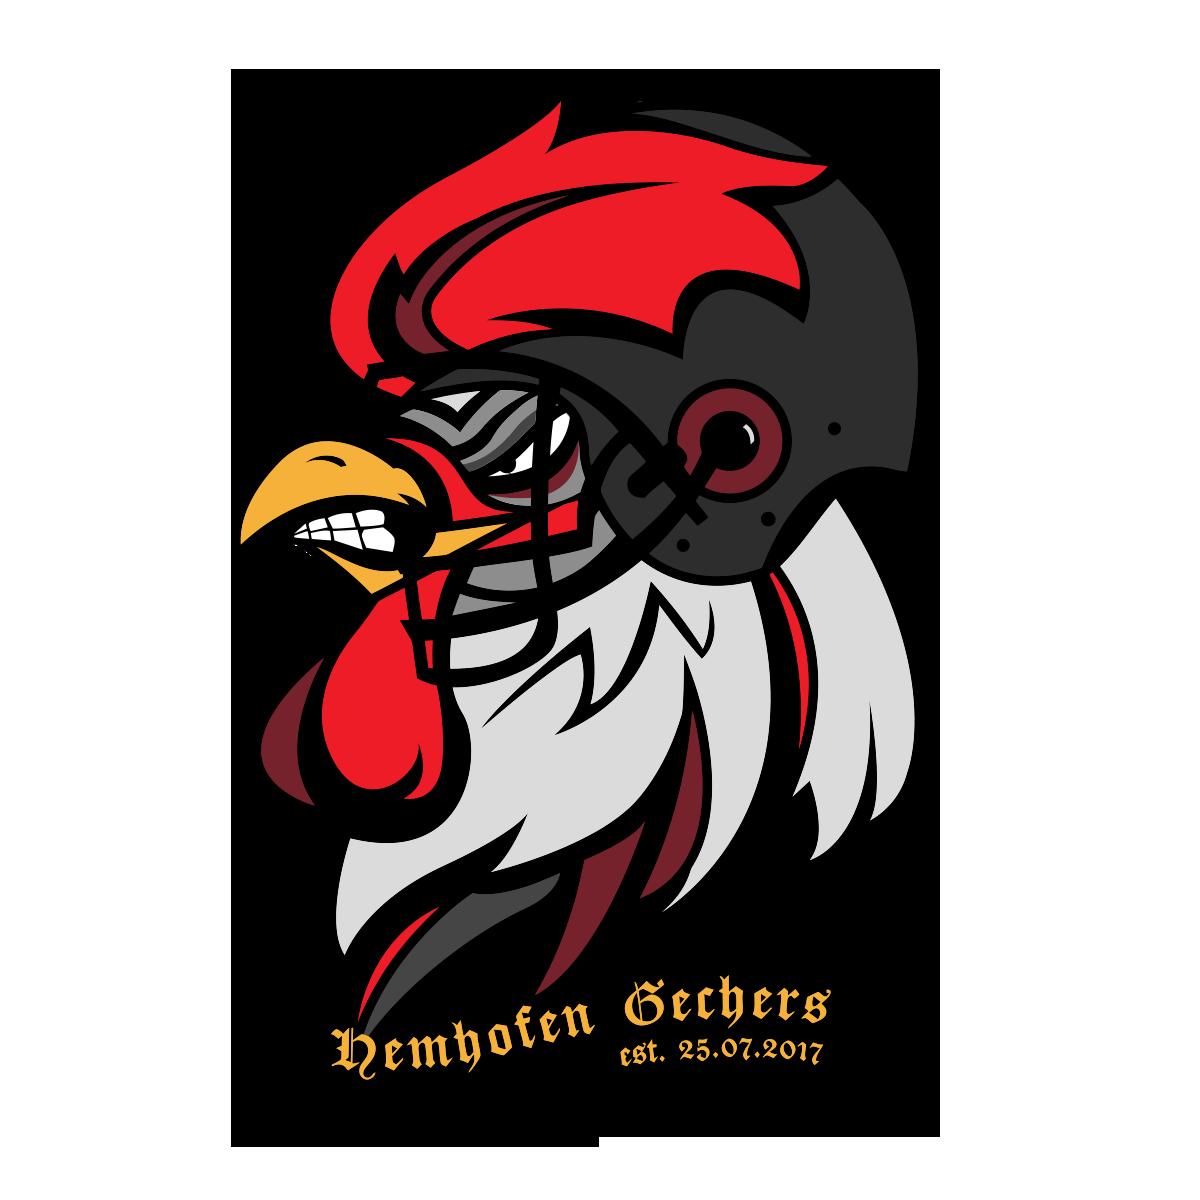 Hemhofen Gechers